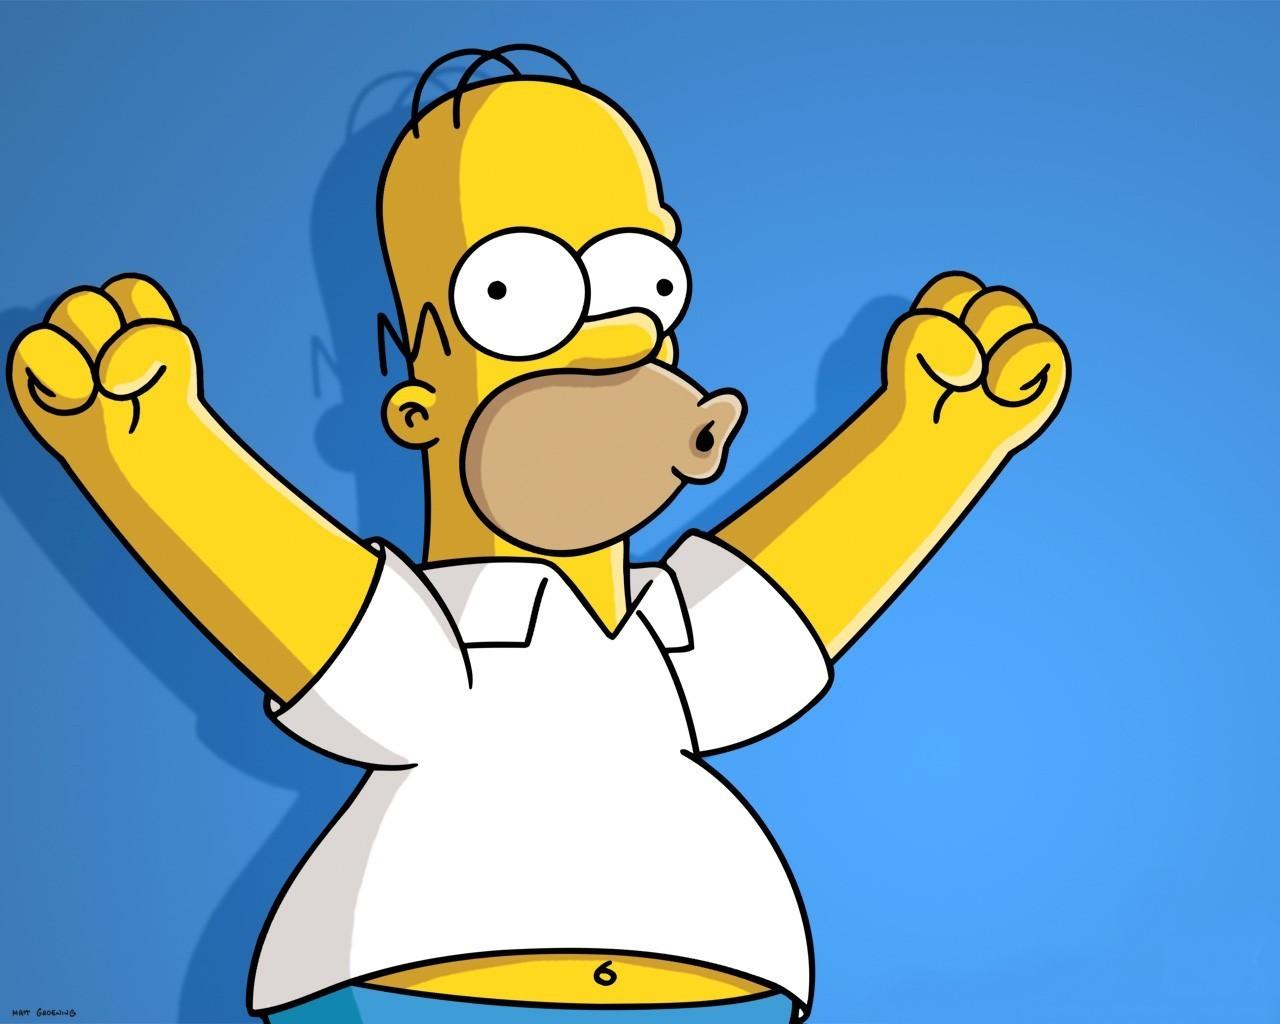 Tanıma: Simpsons karakterleri